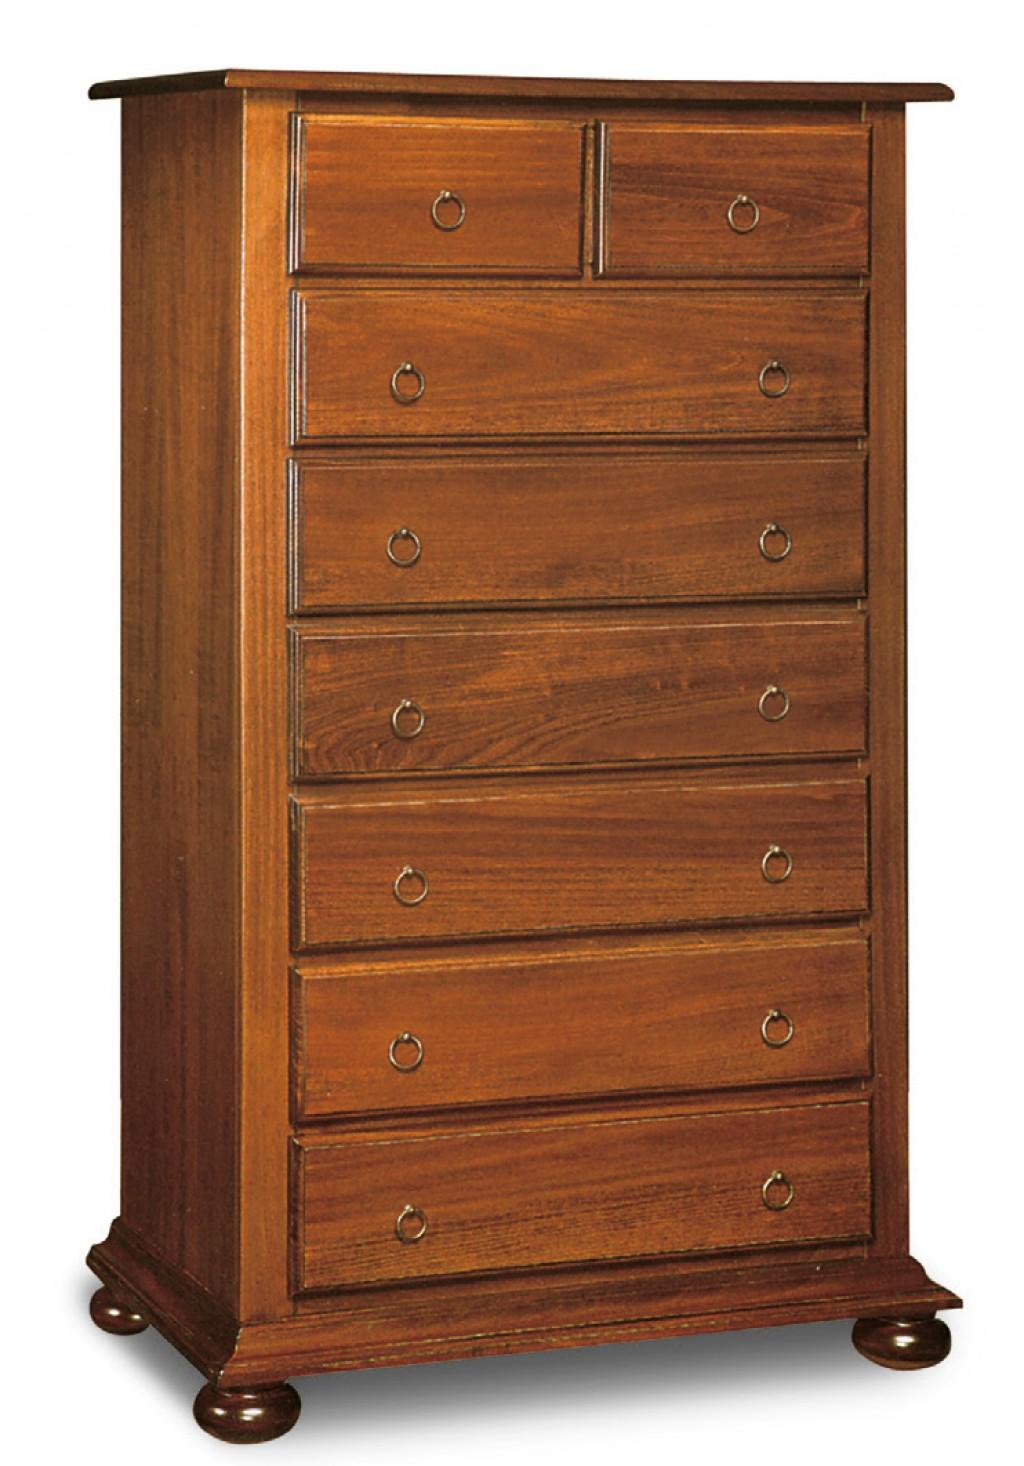 Cassettiera classica et527 cucine mobili di qualit al giusto prezzo milano monza brianza - Bonus mobili iva ...